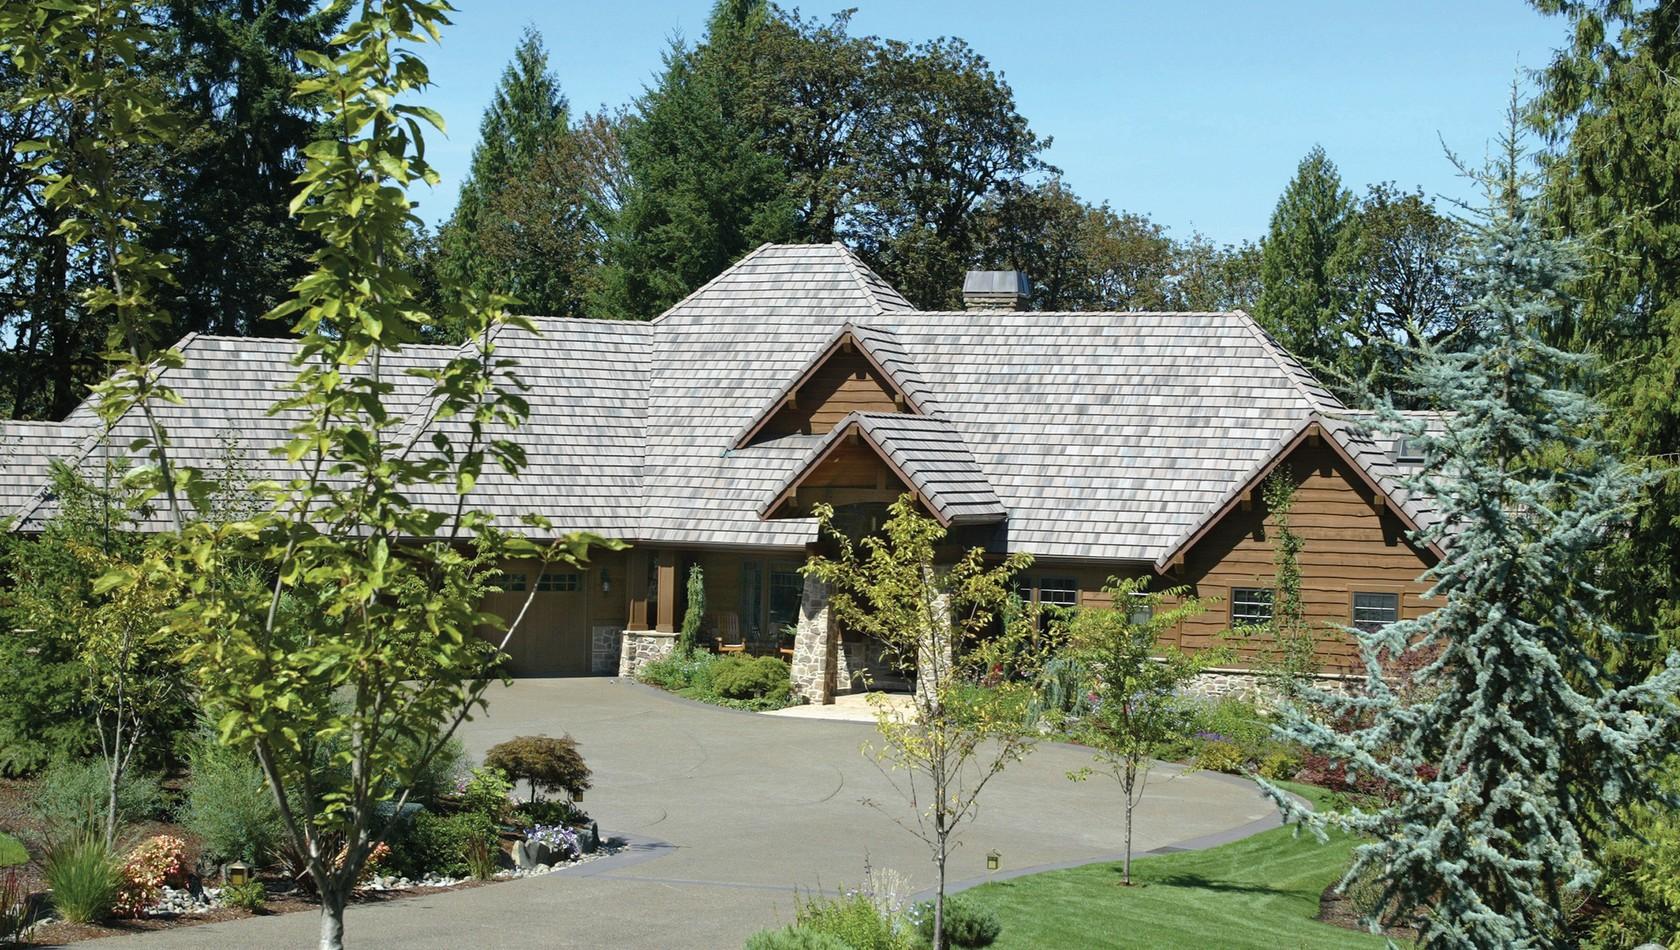 Main image for house plan 1411: The Tasseler